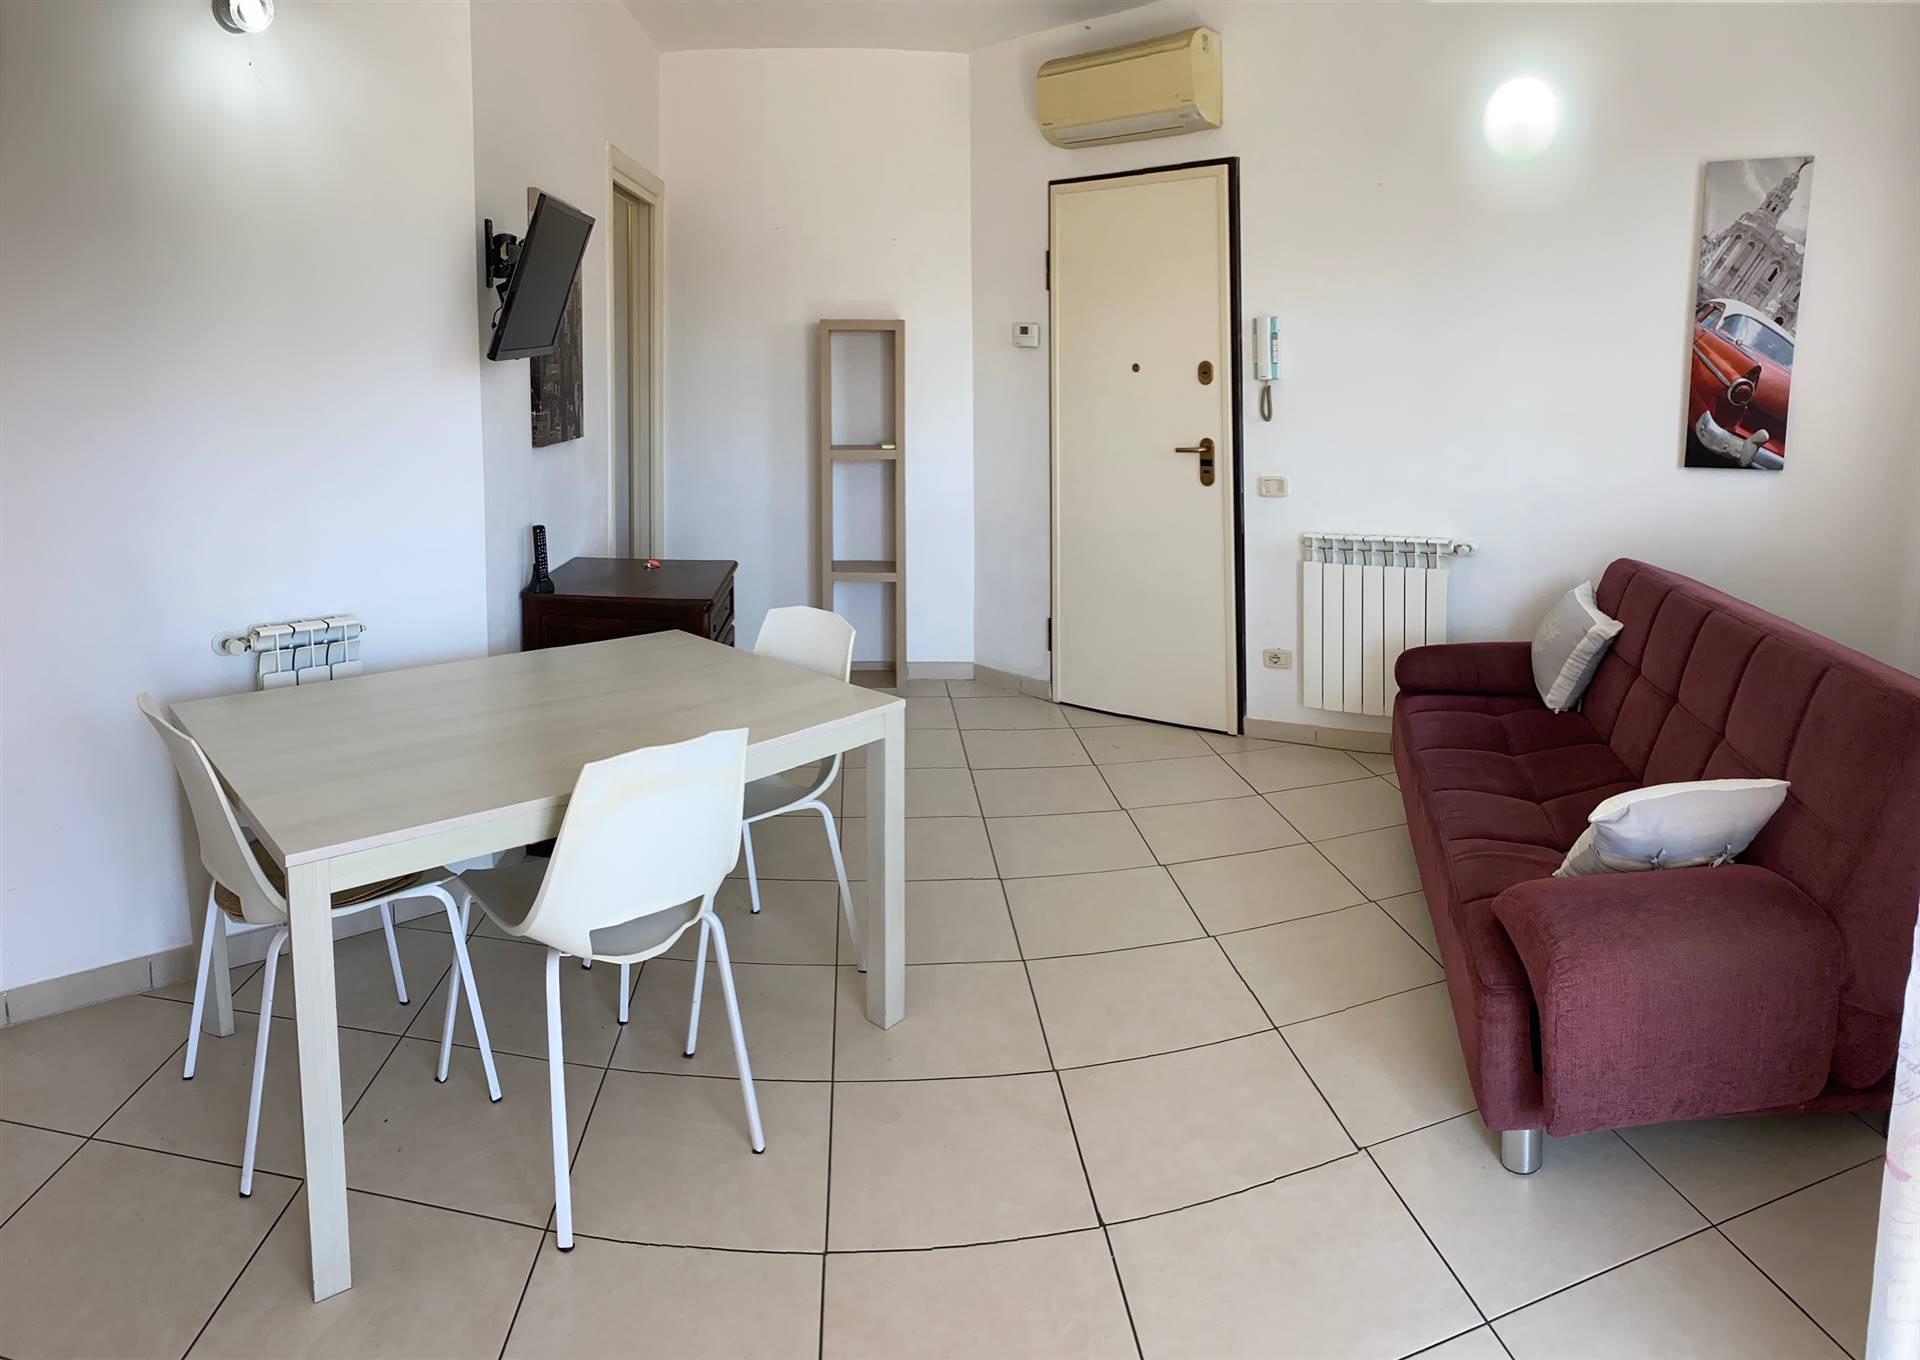 MASSETANA, FOLLONICA, Appartement des vendre de 60 Mq, Excellentes, Chauffage Autonome, Classe Énergétique: G, par terre 1° sur 3, composé par: 3